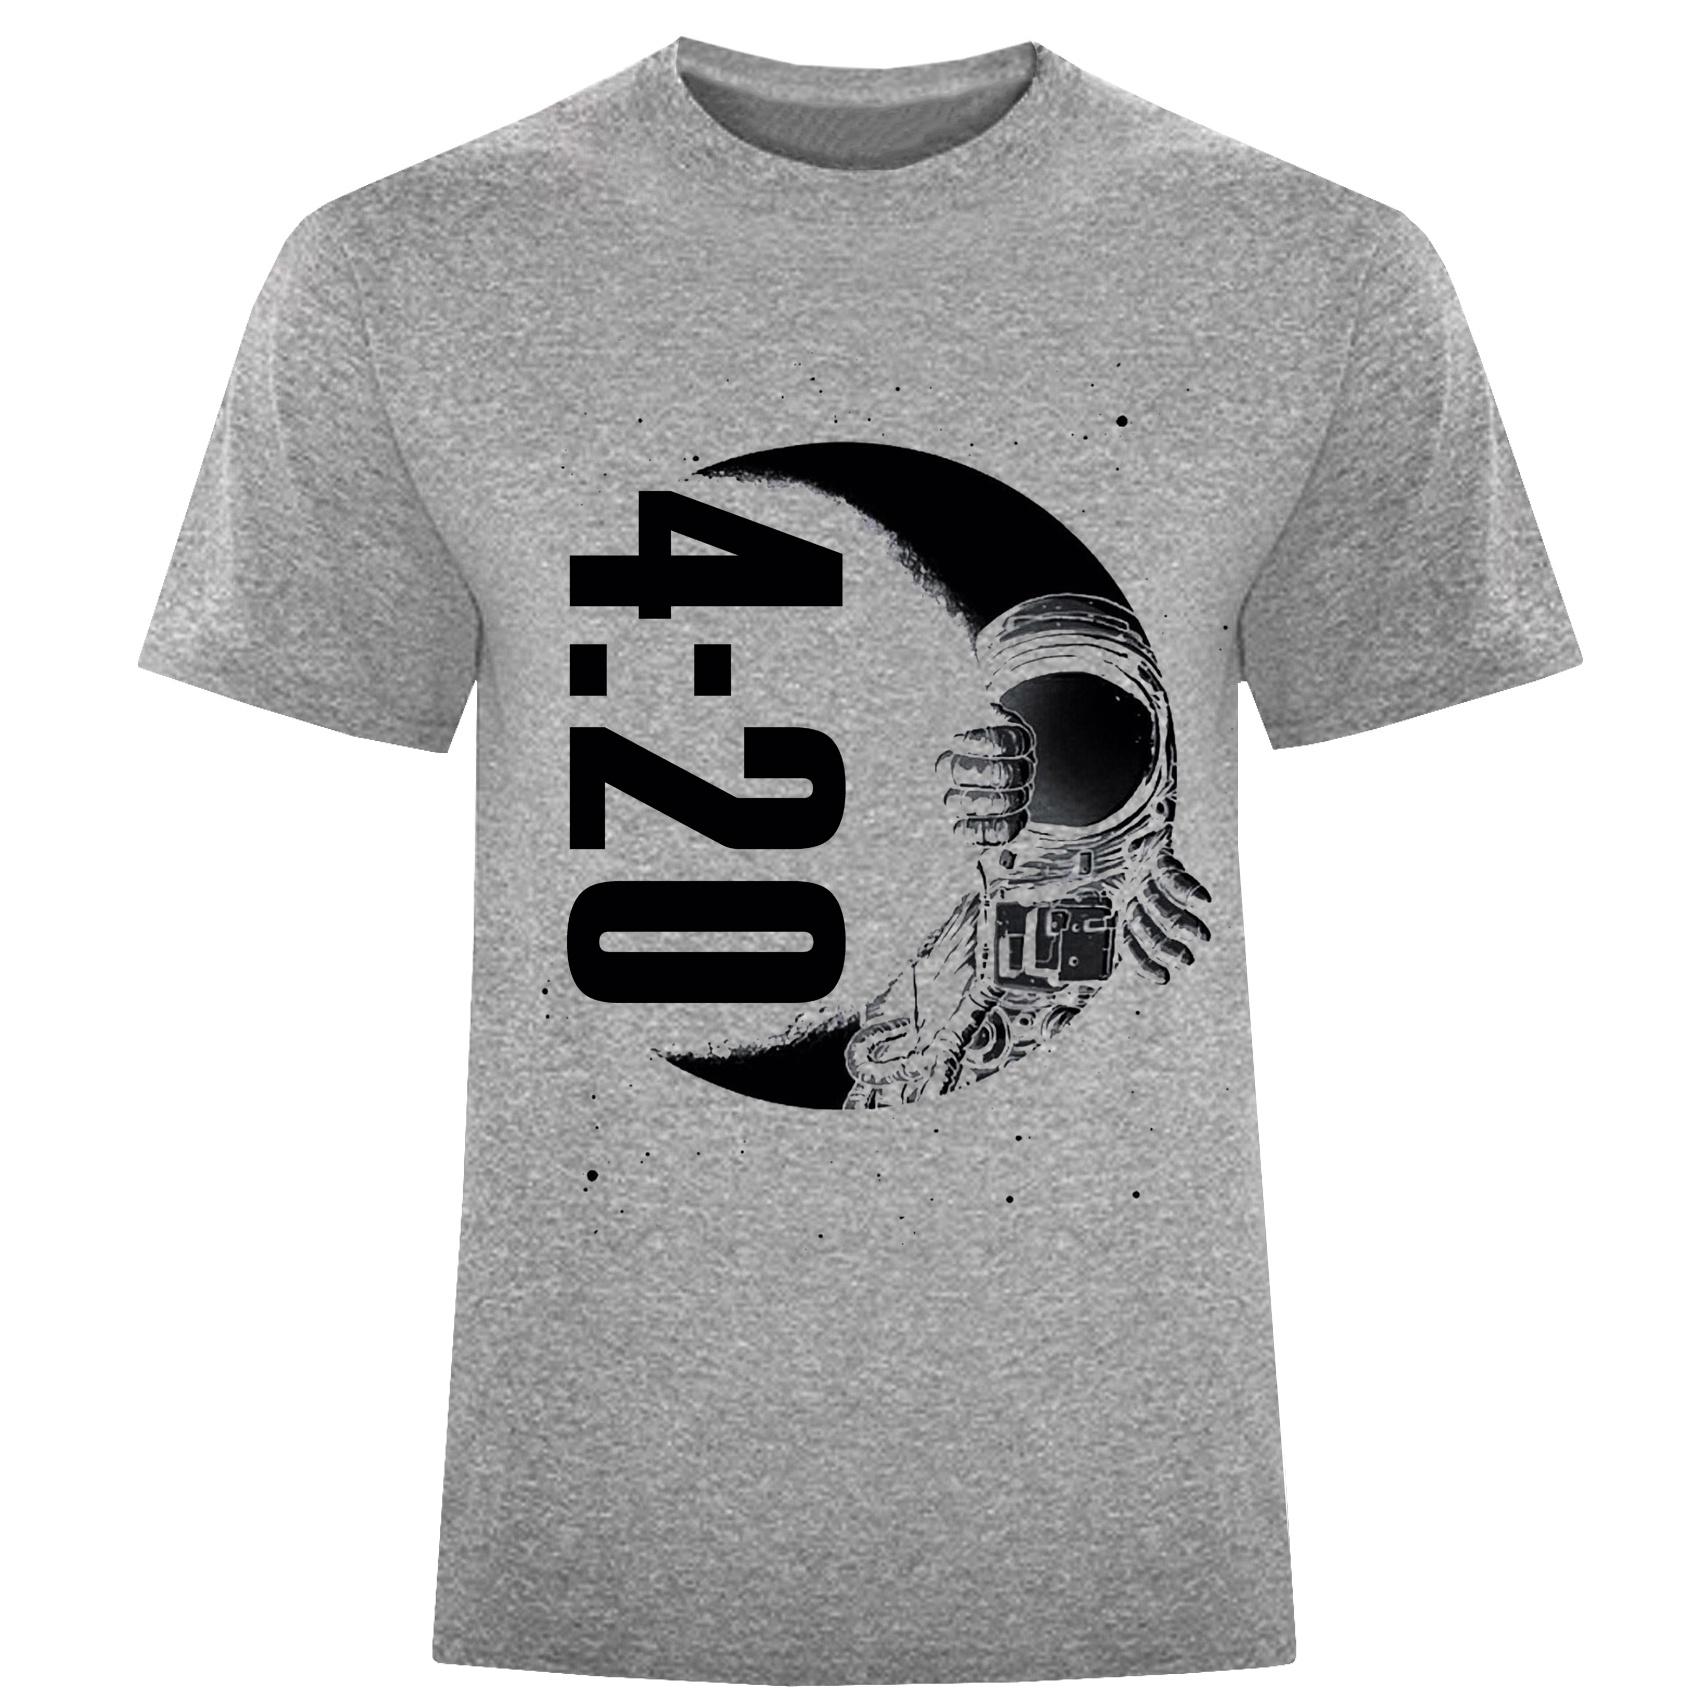 Photo of تی شرت مردانه کد S301